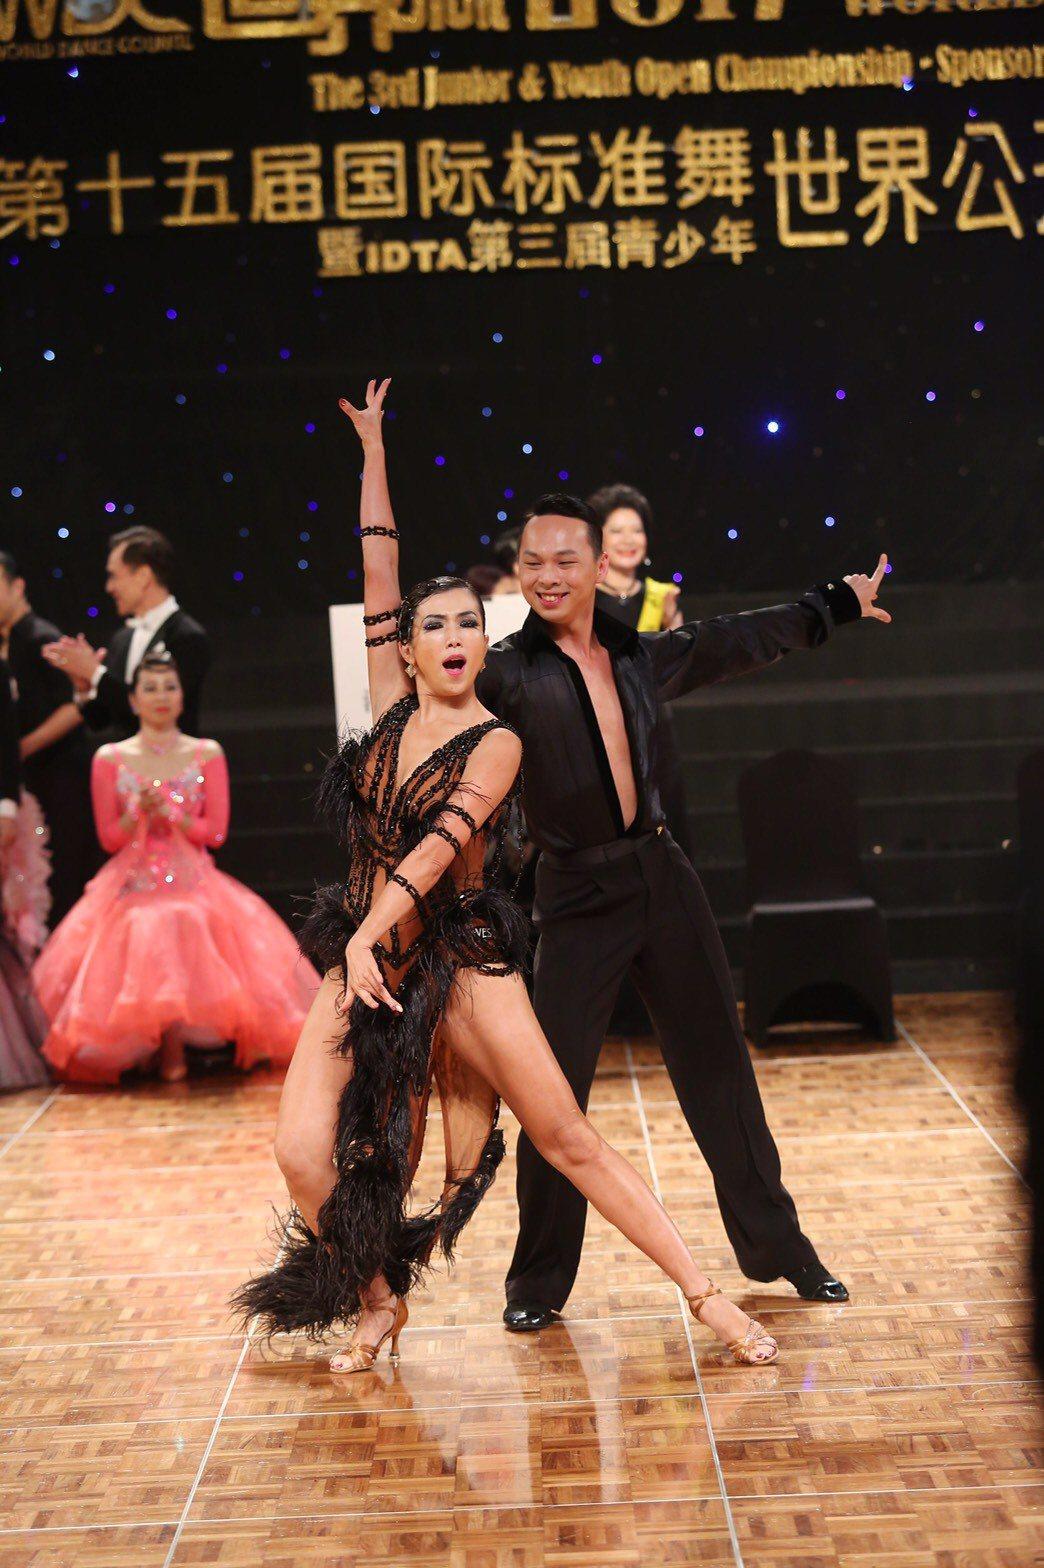 廖家儀(左)參加國標舞比賽。圖/民視提供